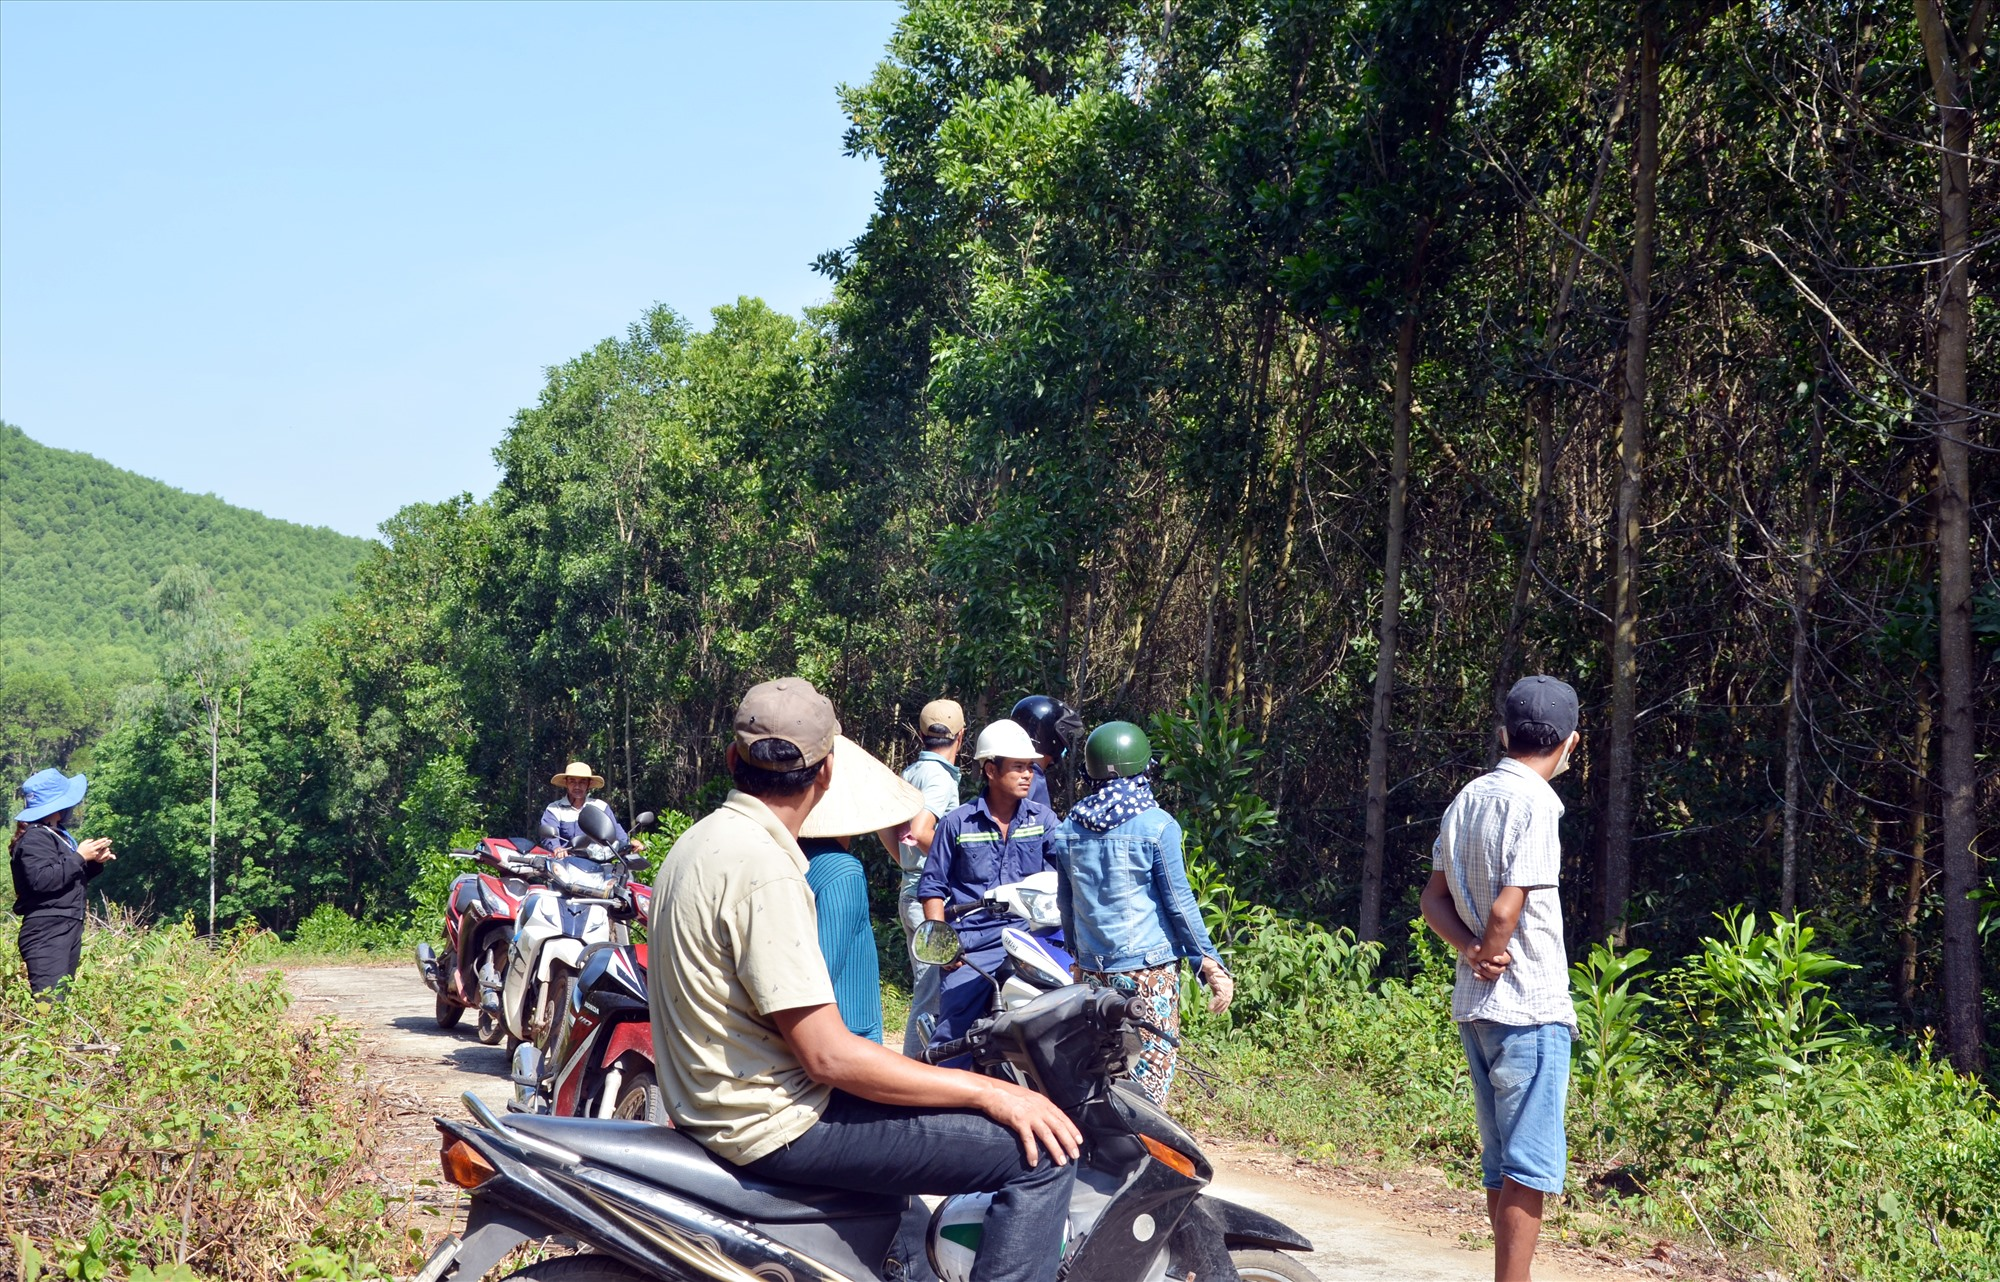 Các hộ dân thôn Bích An tại hiện trường đất rừng do UBND xã quản lý đã bị nhiều người trồng rừng, mua bán chuyển nhượng trái phép. Ảnh: H.N